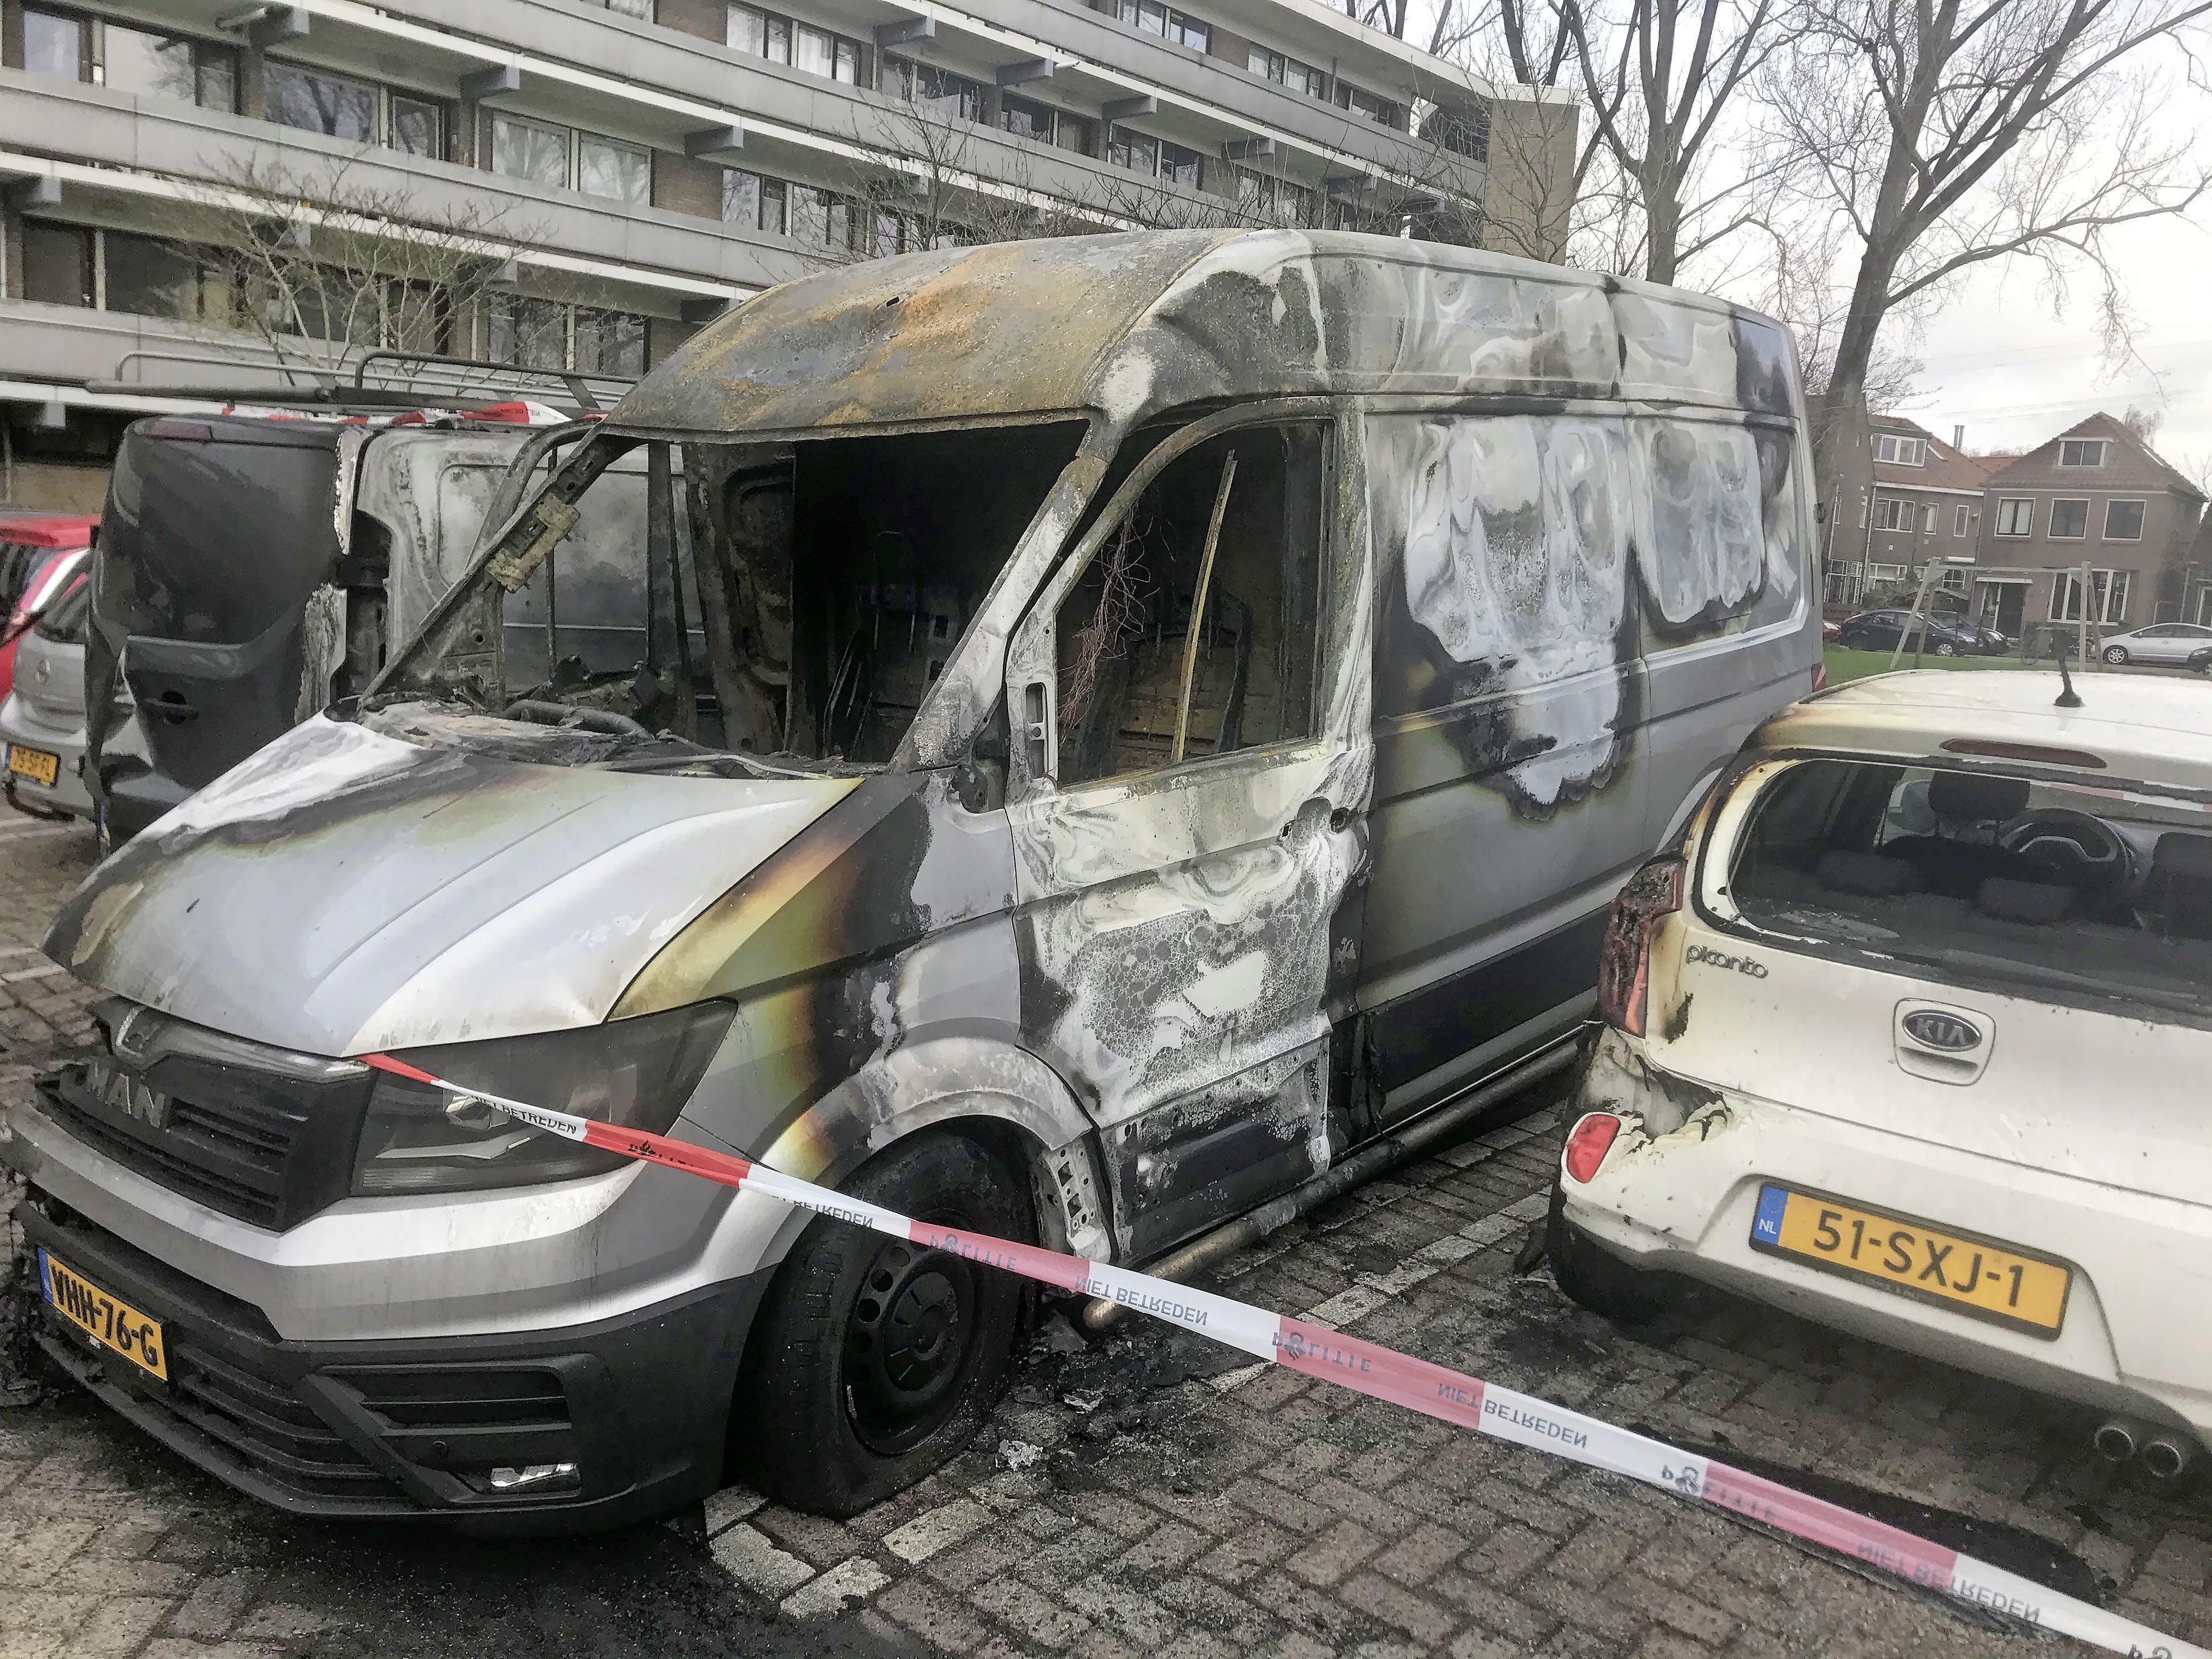 Omwonenden geschokt door autobrand Claude Monetstraat Zaandam: 'Dan stort toch je wereld in'